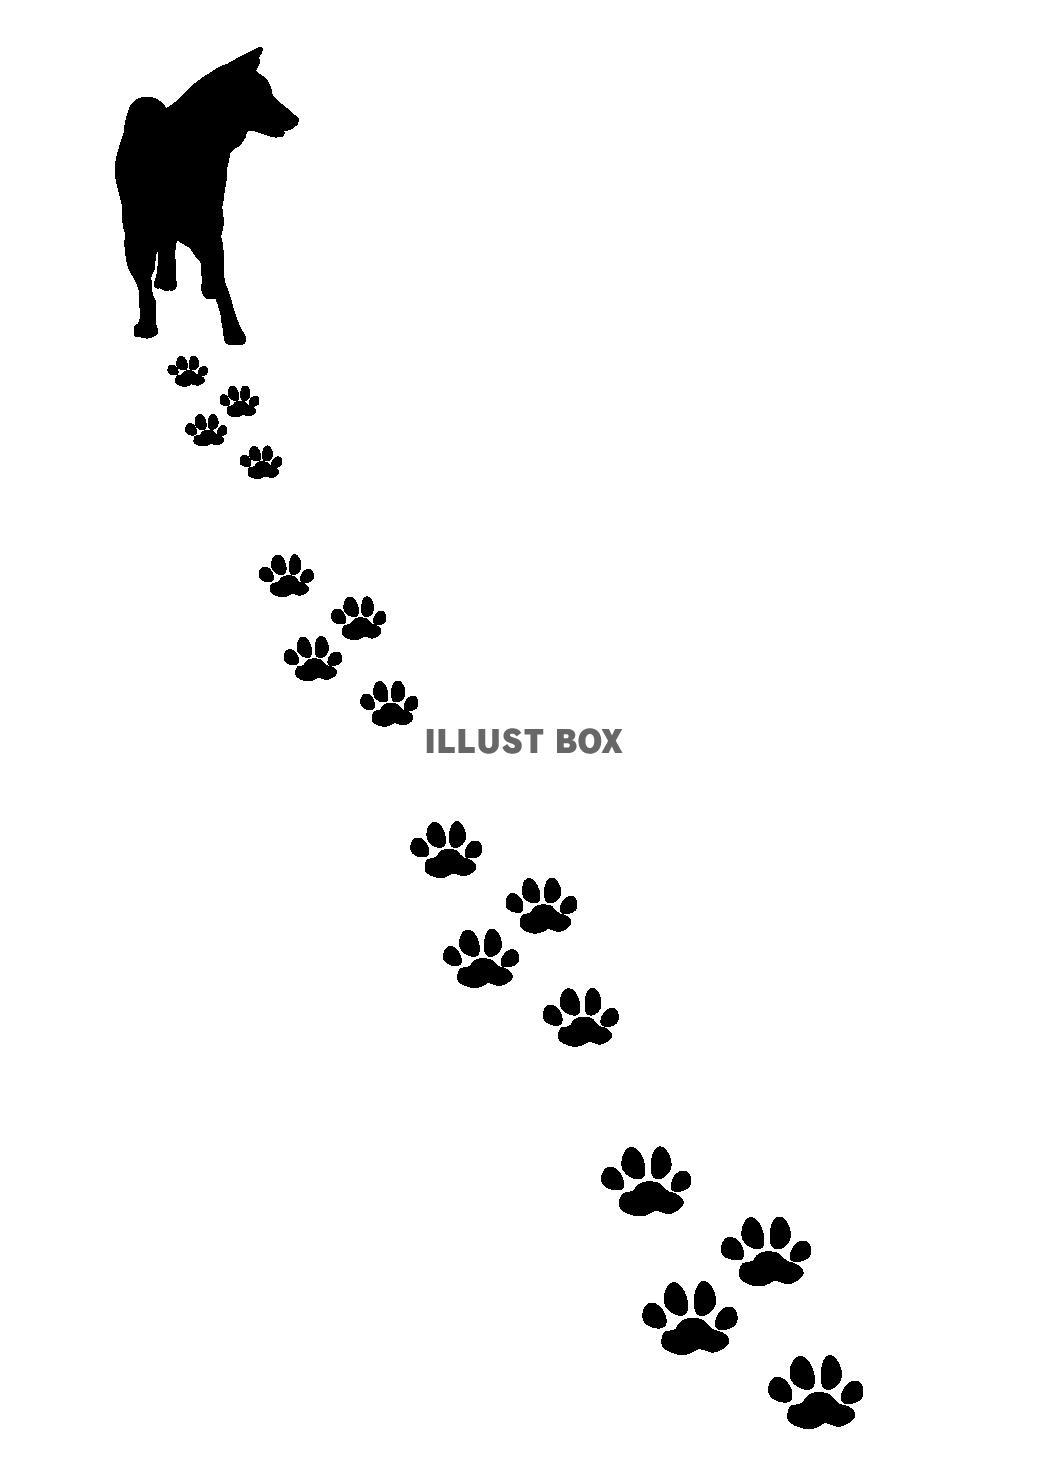 無料イラスト 犬の足跡